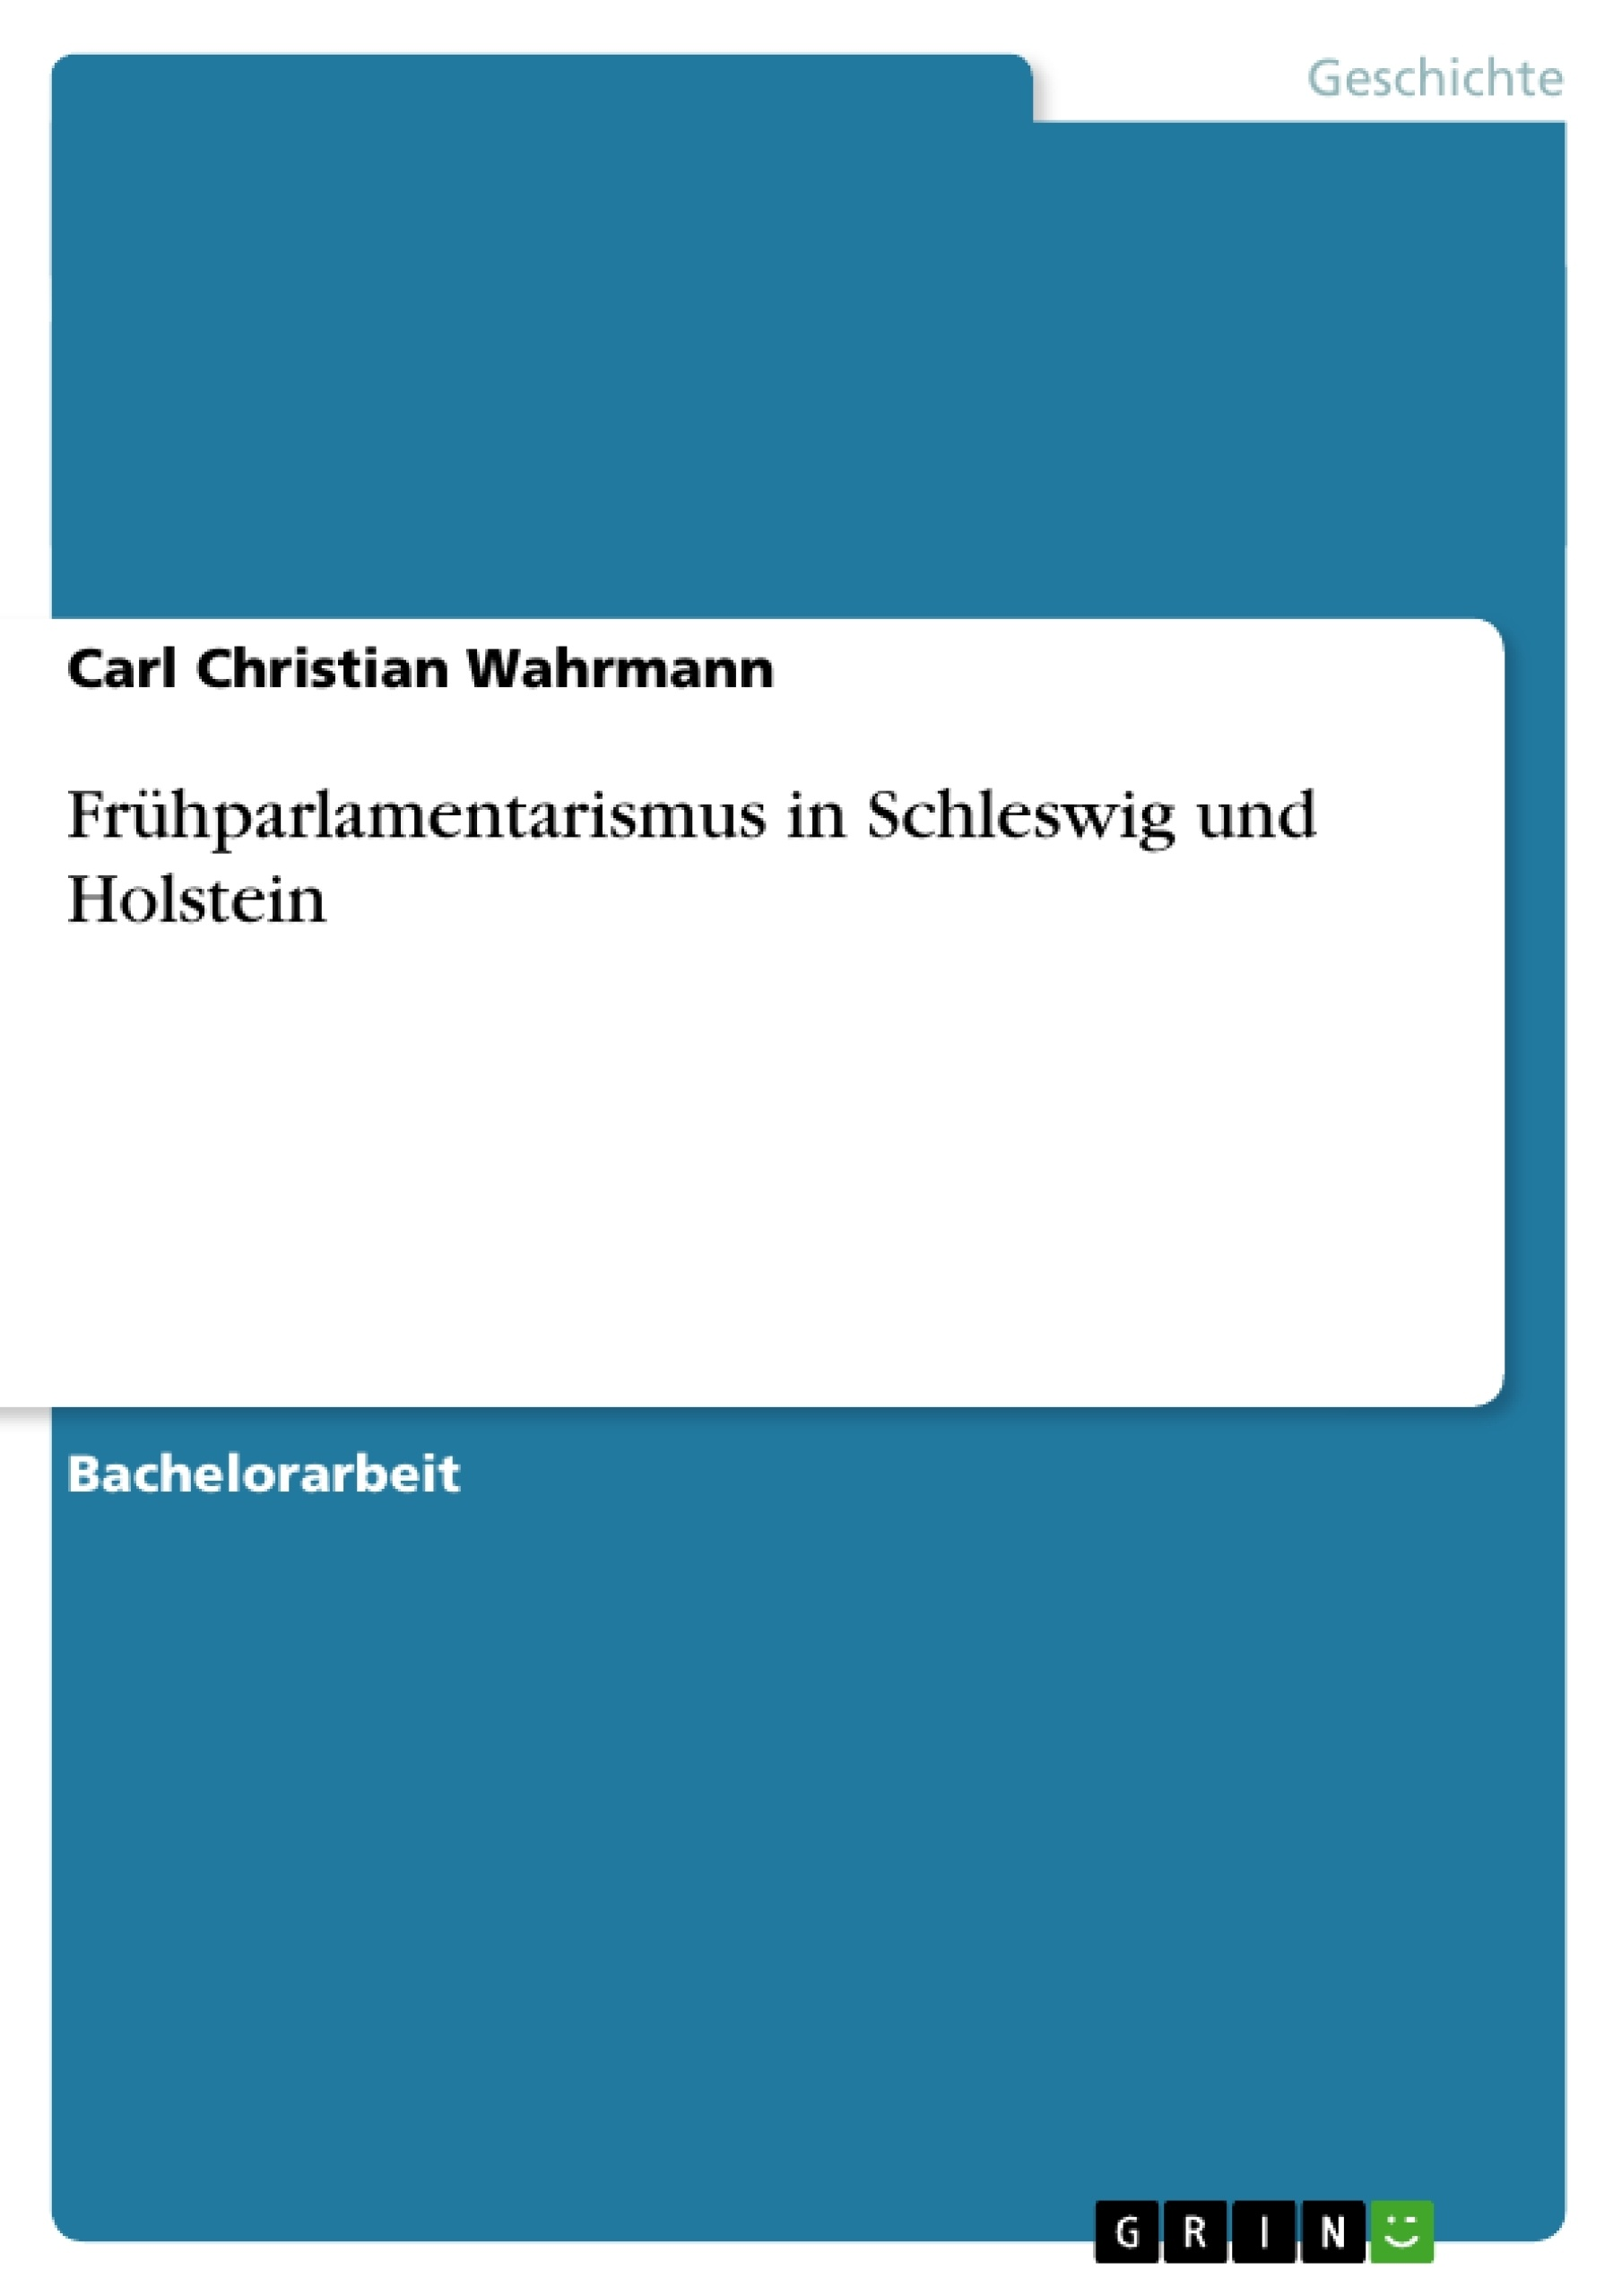 Titel: Frühparlamentarismus in Schleswig und Holstein